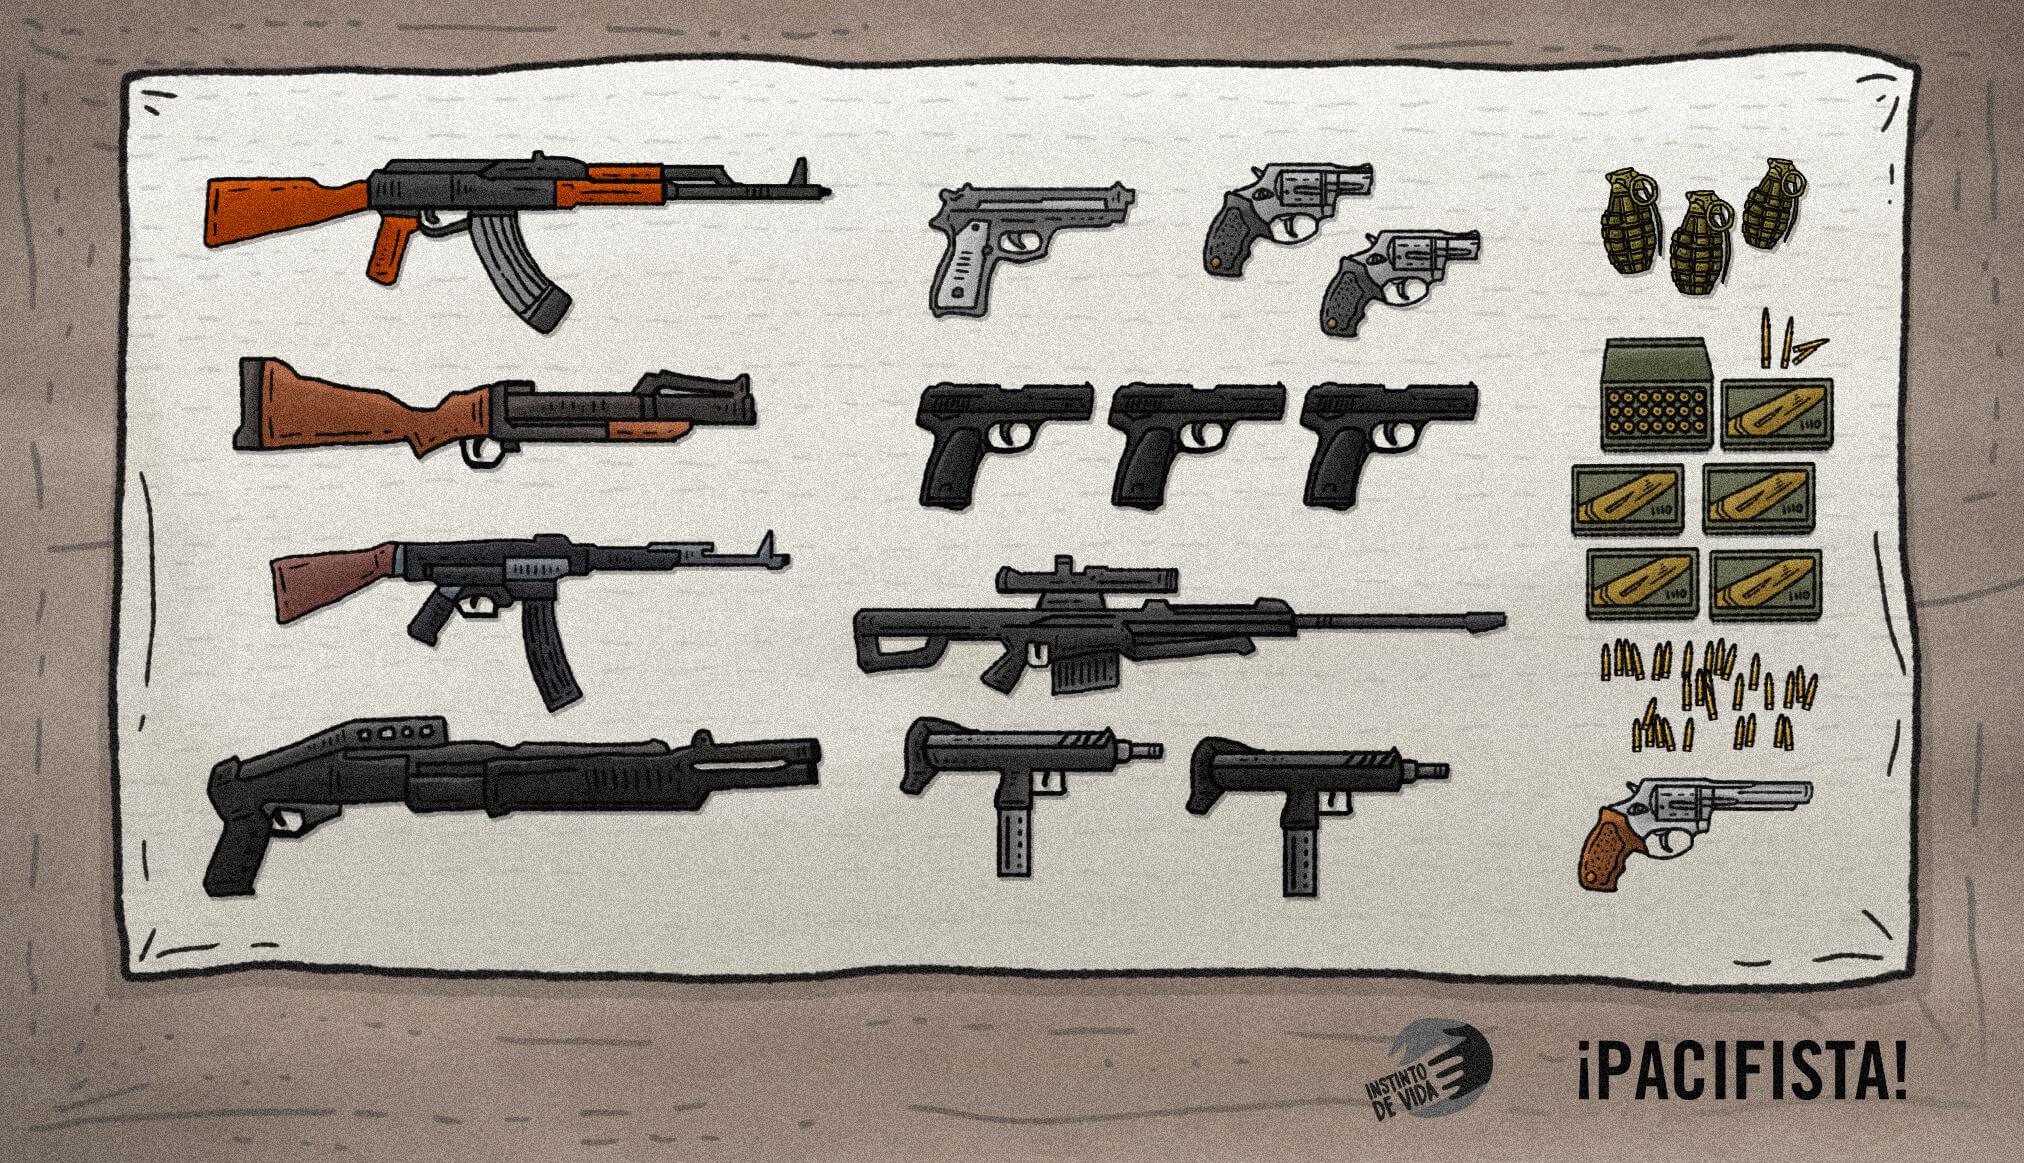 De la selva hasta las plazas mercado: así es el comercio ilegal de armas